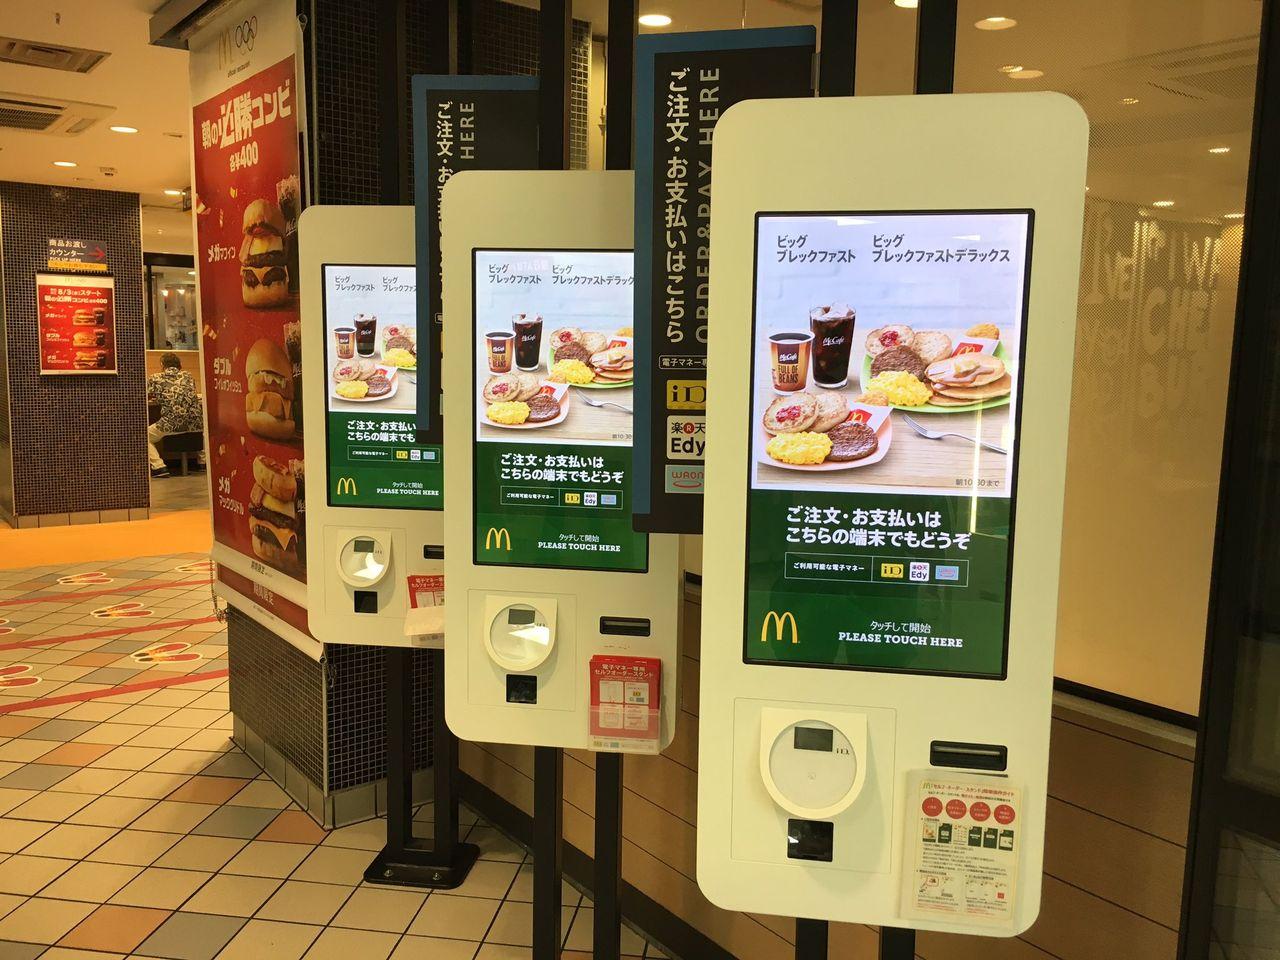 マクドナルドのセルフレジが大好評!店員と話す必要なし、コミュ障も安心wwwww